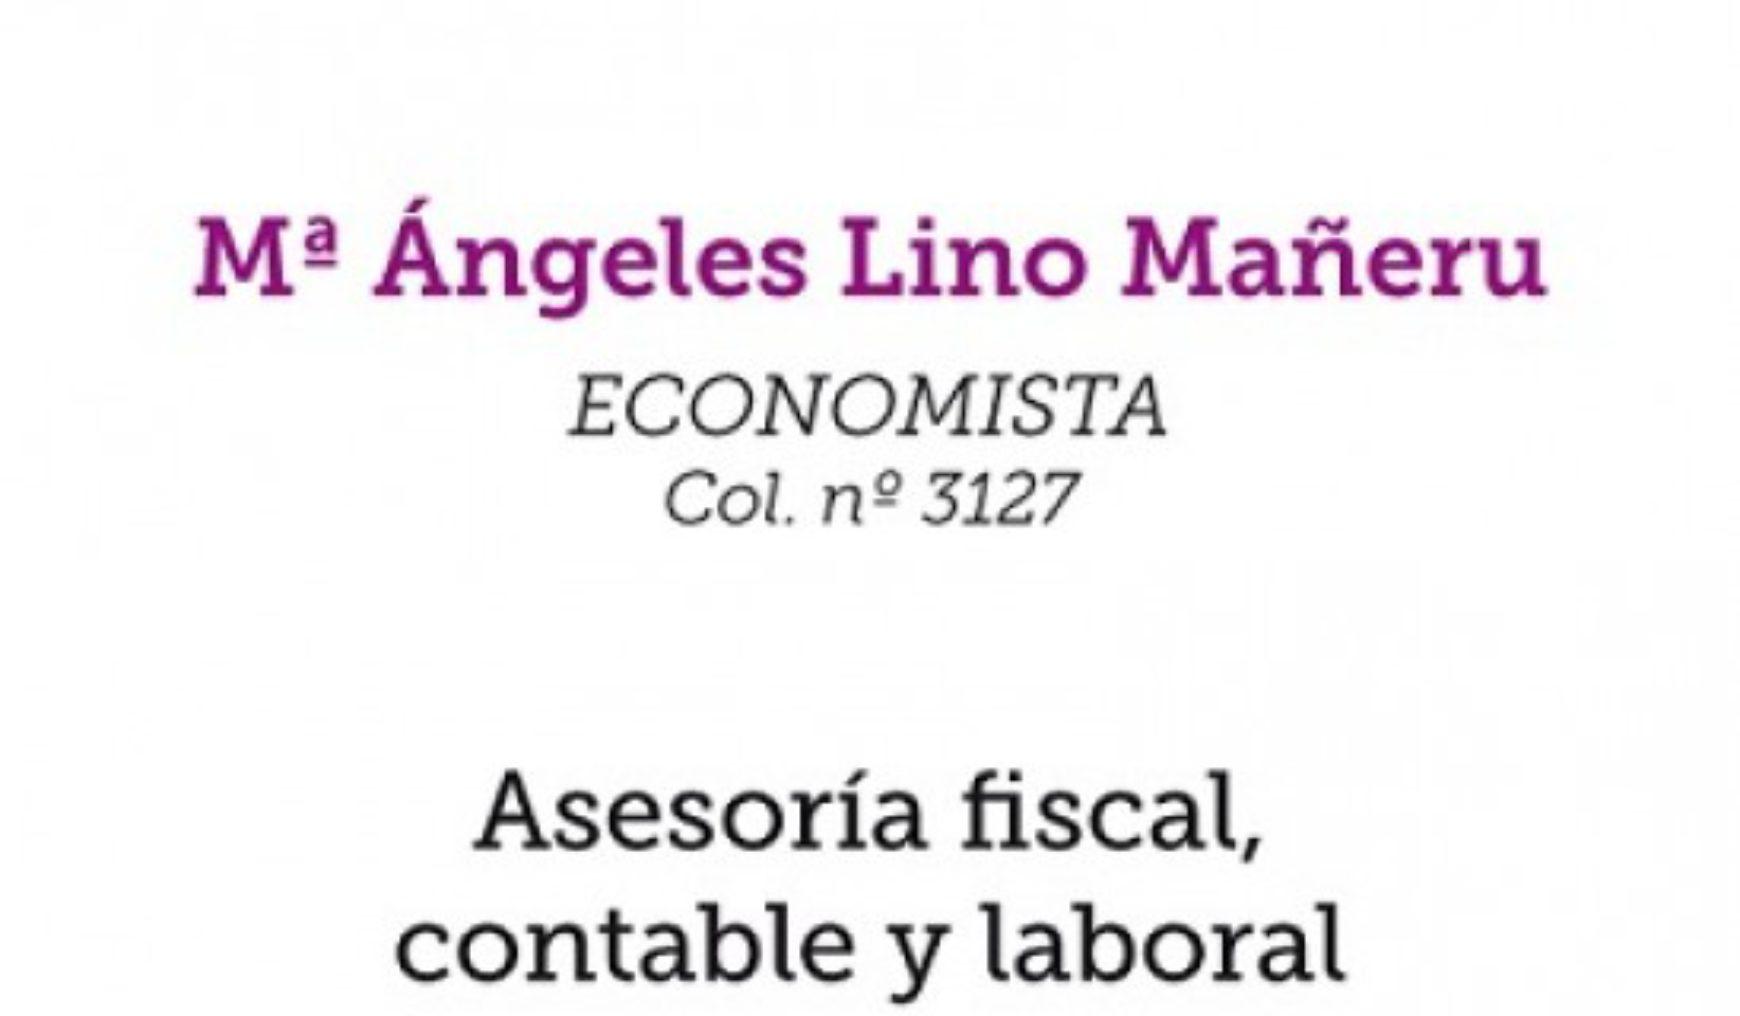 Mari Ángeles Lino ofrece condiciones especiales para las asociadas de AEPA